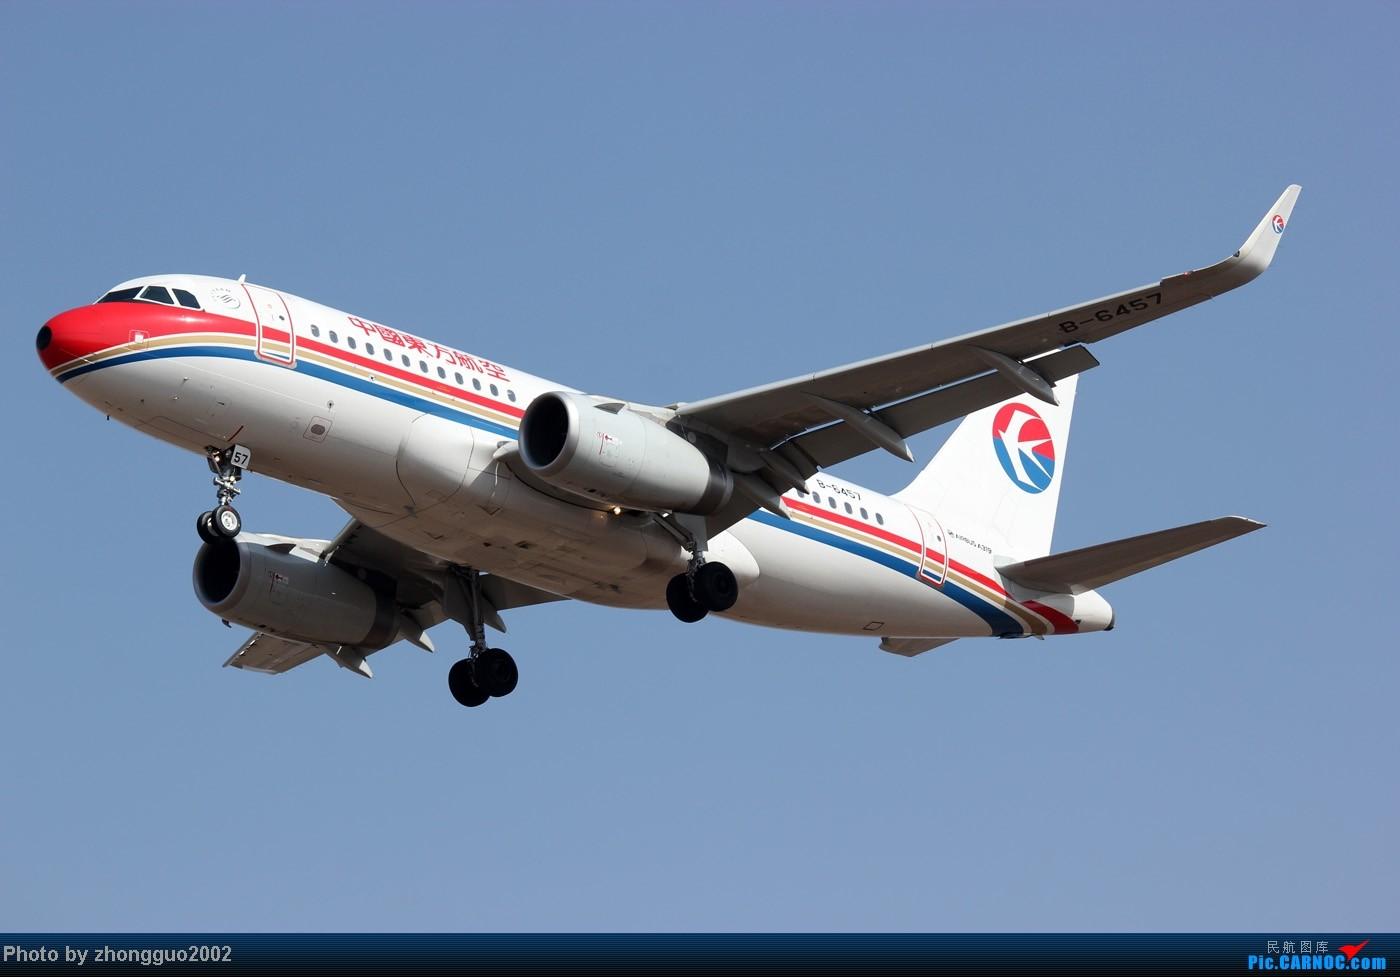 Re:[原创]长荣航空带小翼的321,东航6457小翼319,国航的新机子1947.1945,国航内蒙古号5226,新舟60,以及深圳、首都、西部等航空的飞机。 AIRBUS A319-100 B-6457 中国呼和浩特白塔机场